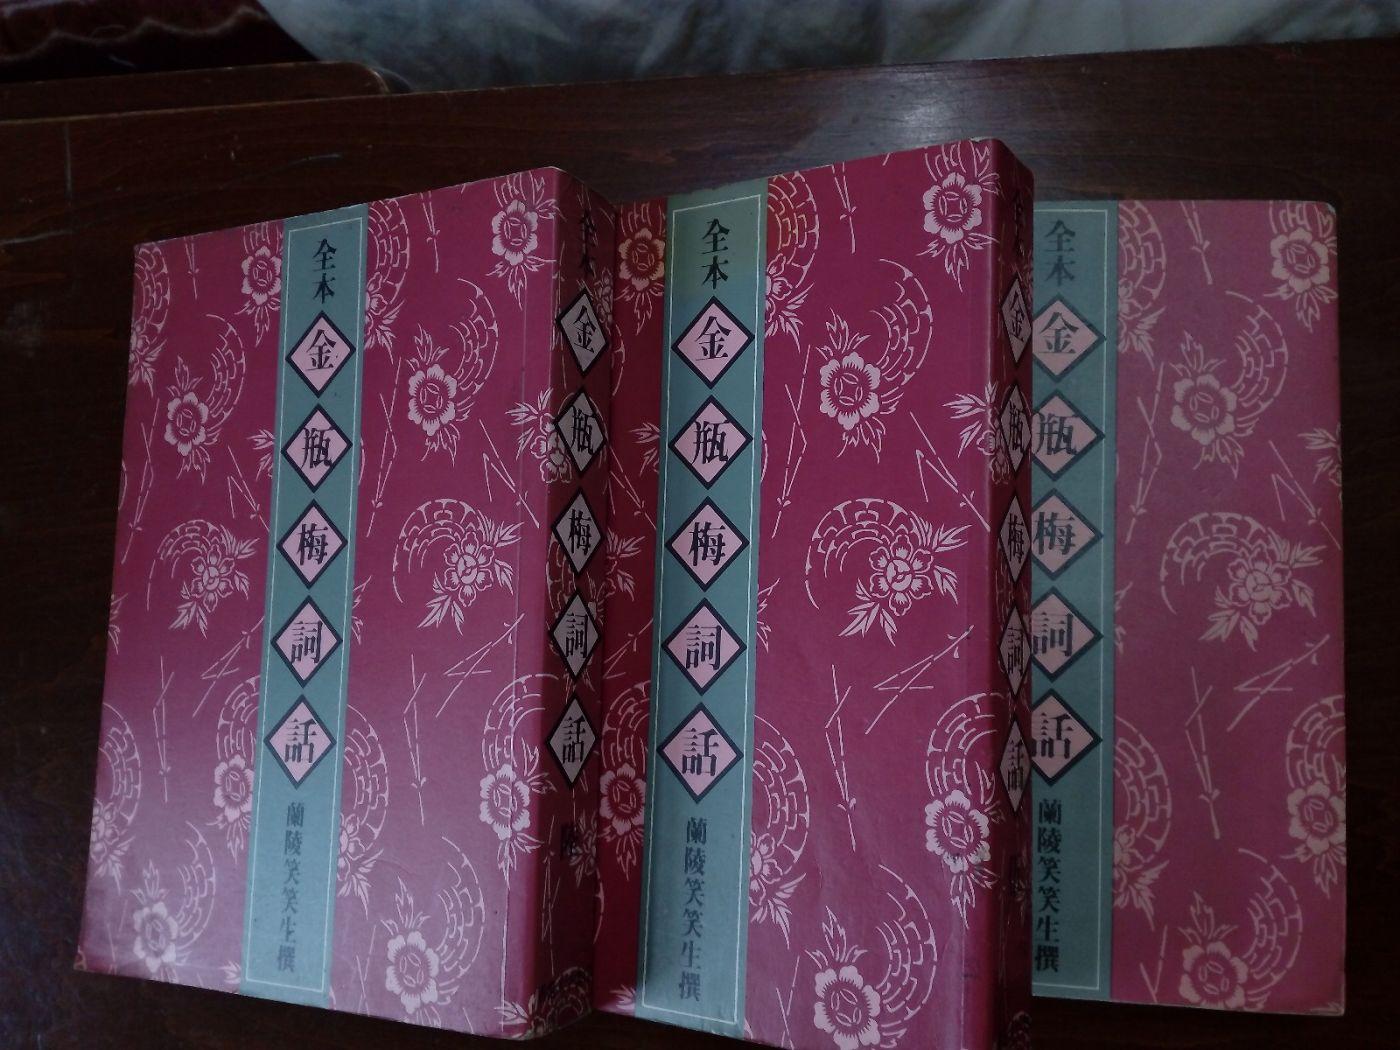 二零一九年十一月十日部分日记——今天购书书目_图1-3